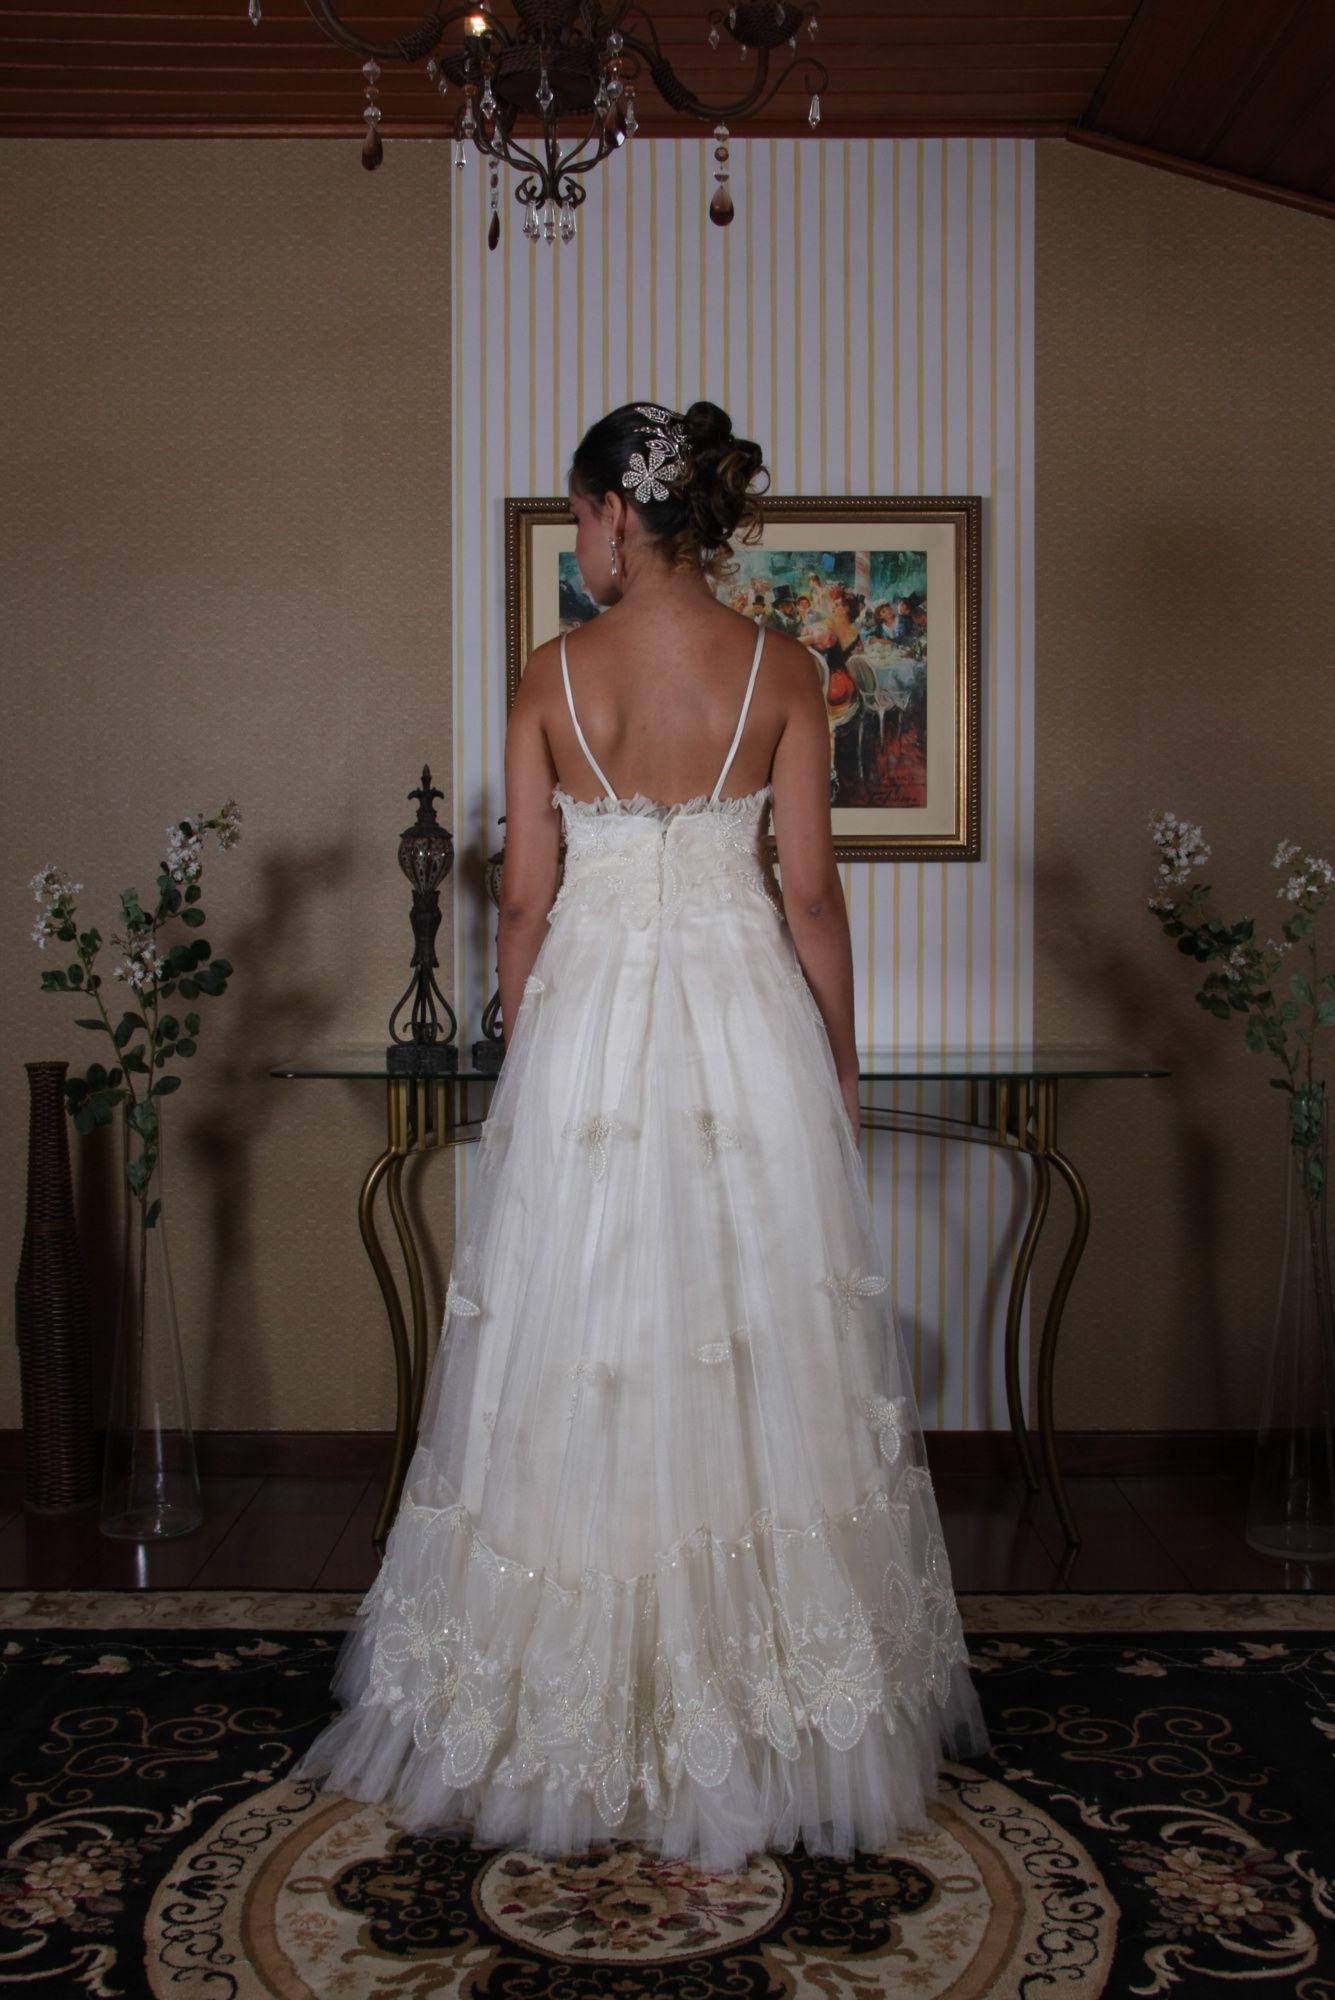 Vestido de Noiva Princesa - 3 - Hipnose Alta Costura e Spa para Noivas e Noivos - Campinas - SP Vestido de Noiva, Vestido de Noiva Princesa, Hipnose Alta Costura